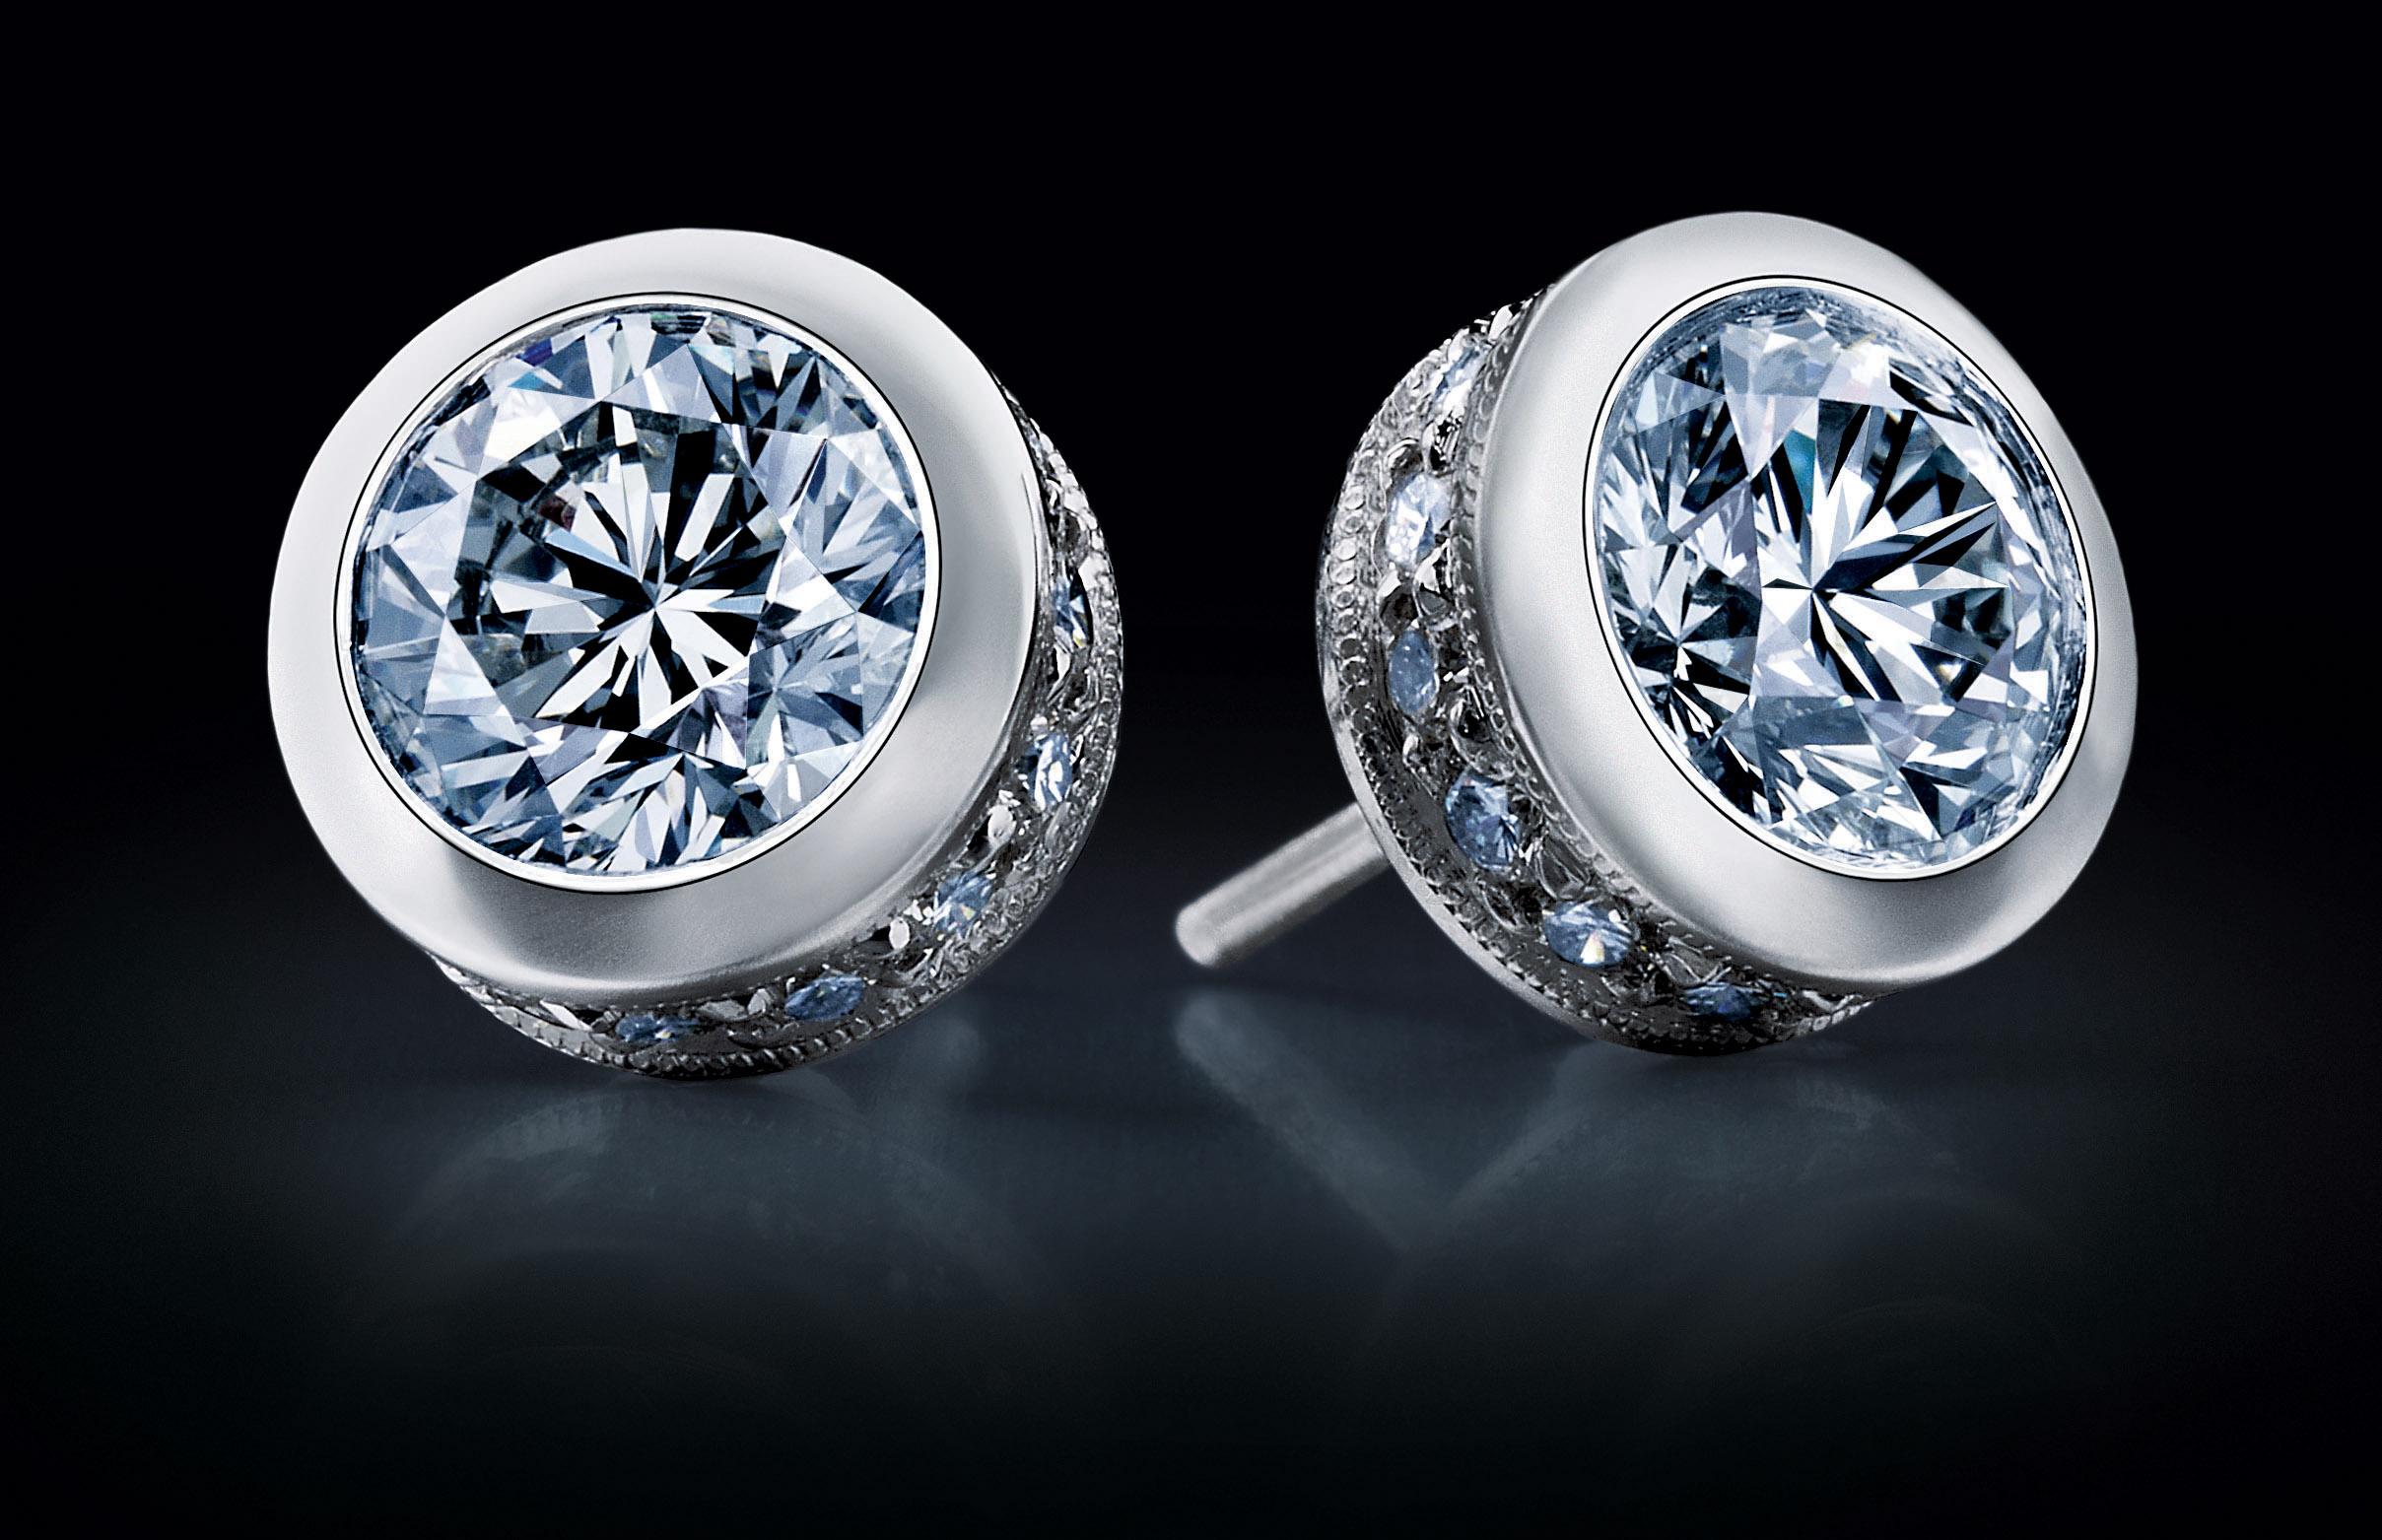 jewelry diamond beautiful diamond jewelry 8 abkxwhd